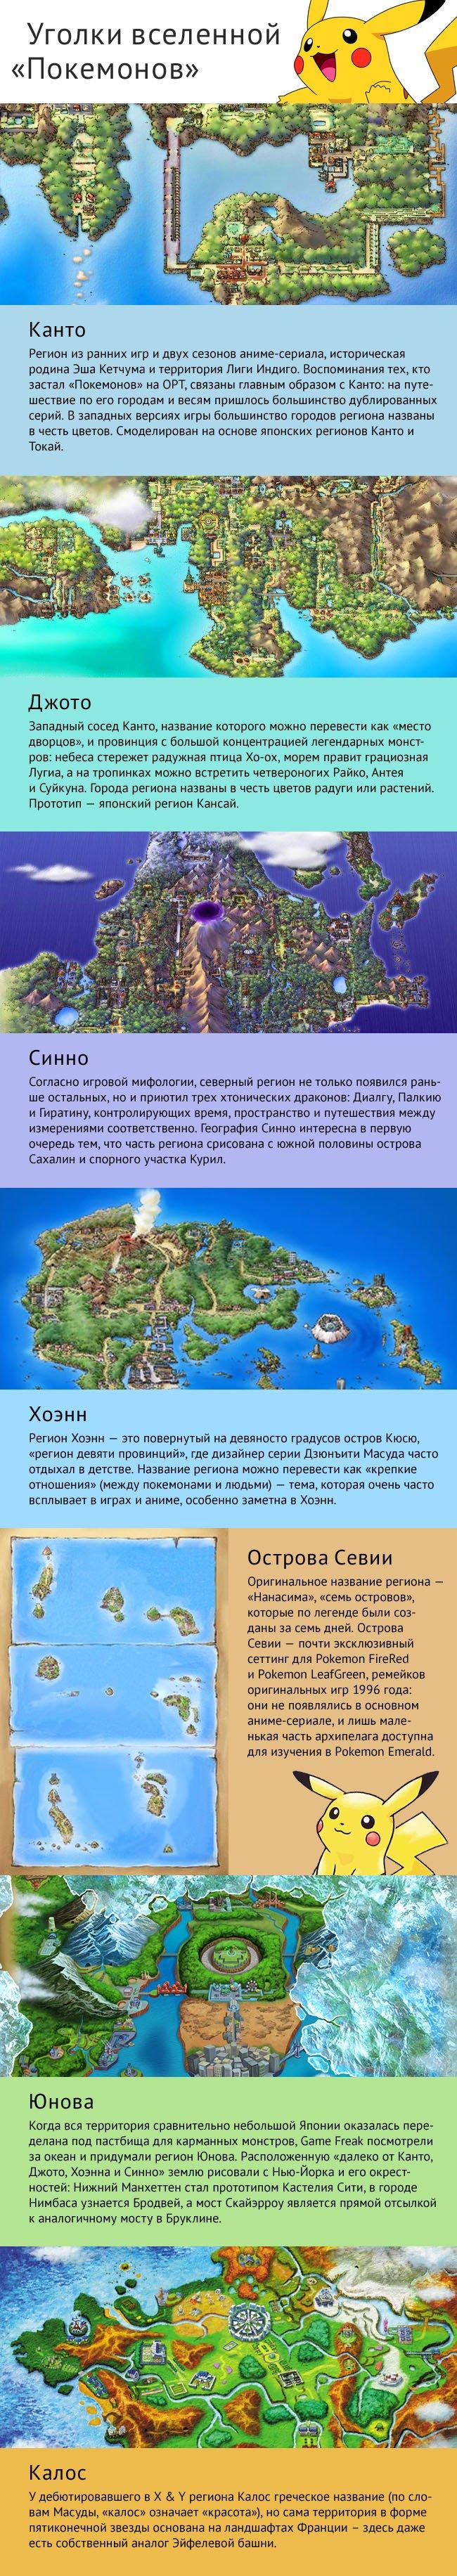 «Покемоны» как вселенная и как бизнес - Изображение 2